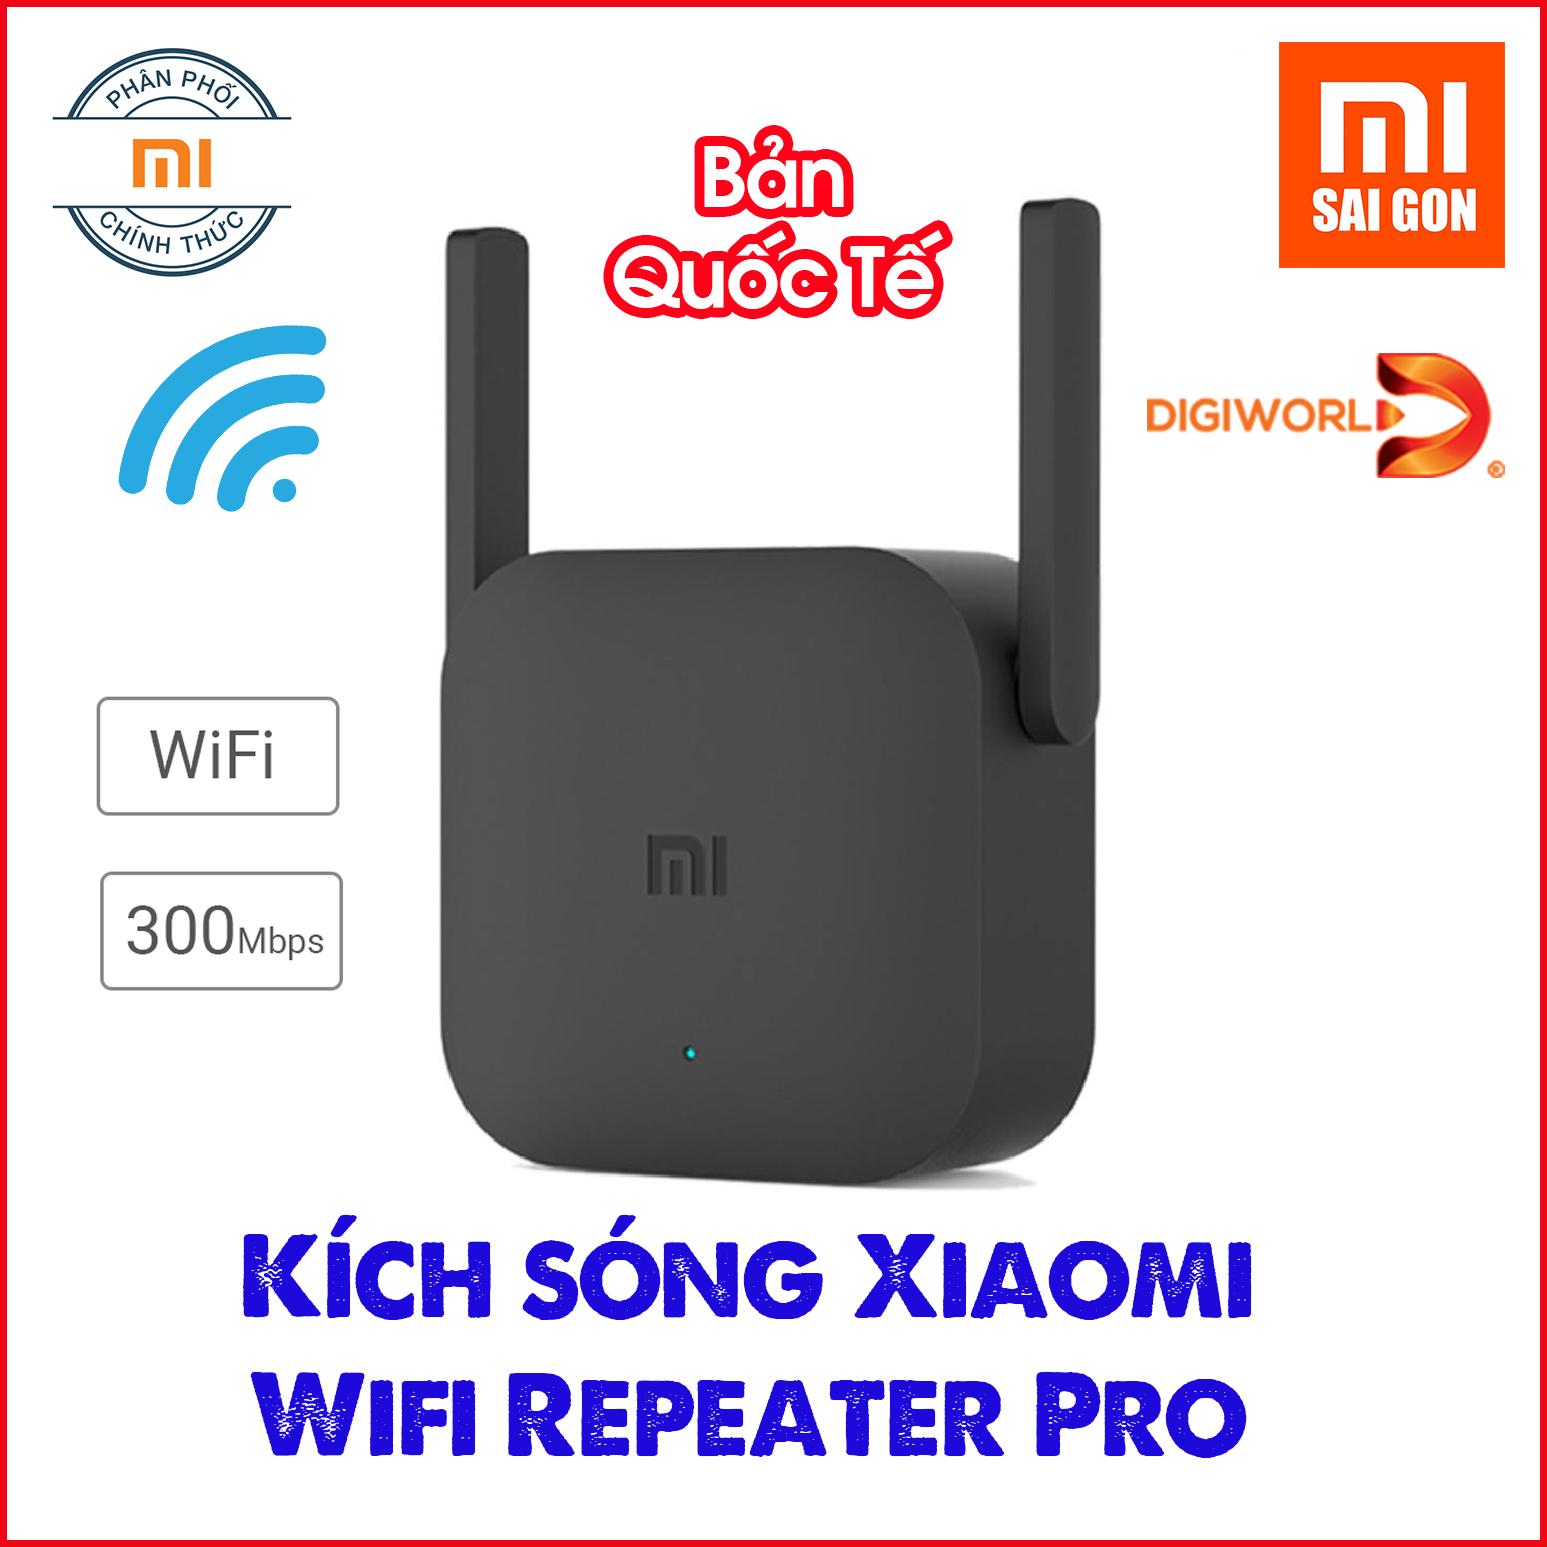 [BẢN QUỐC TẾ] Thiết bị kích sóng Xiaomi Wifi Repeater Pro – Chính hãng phân phối